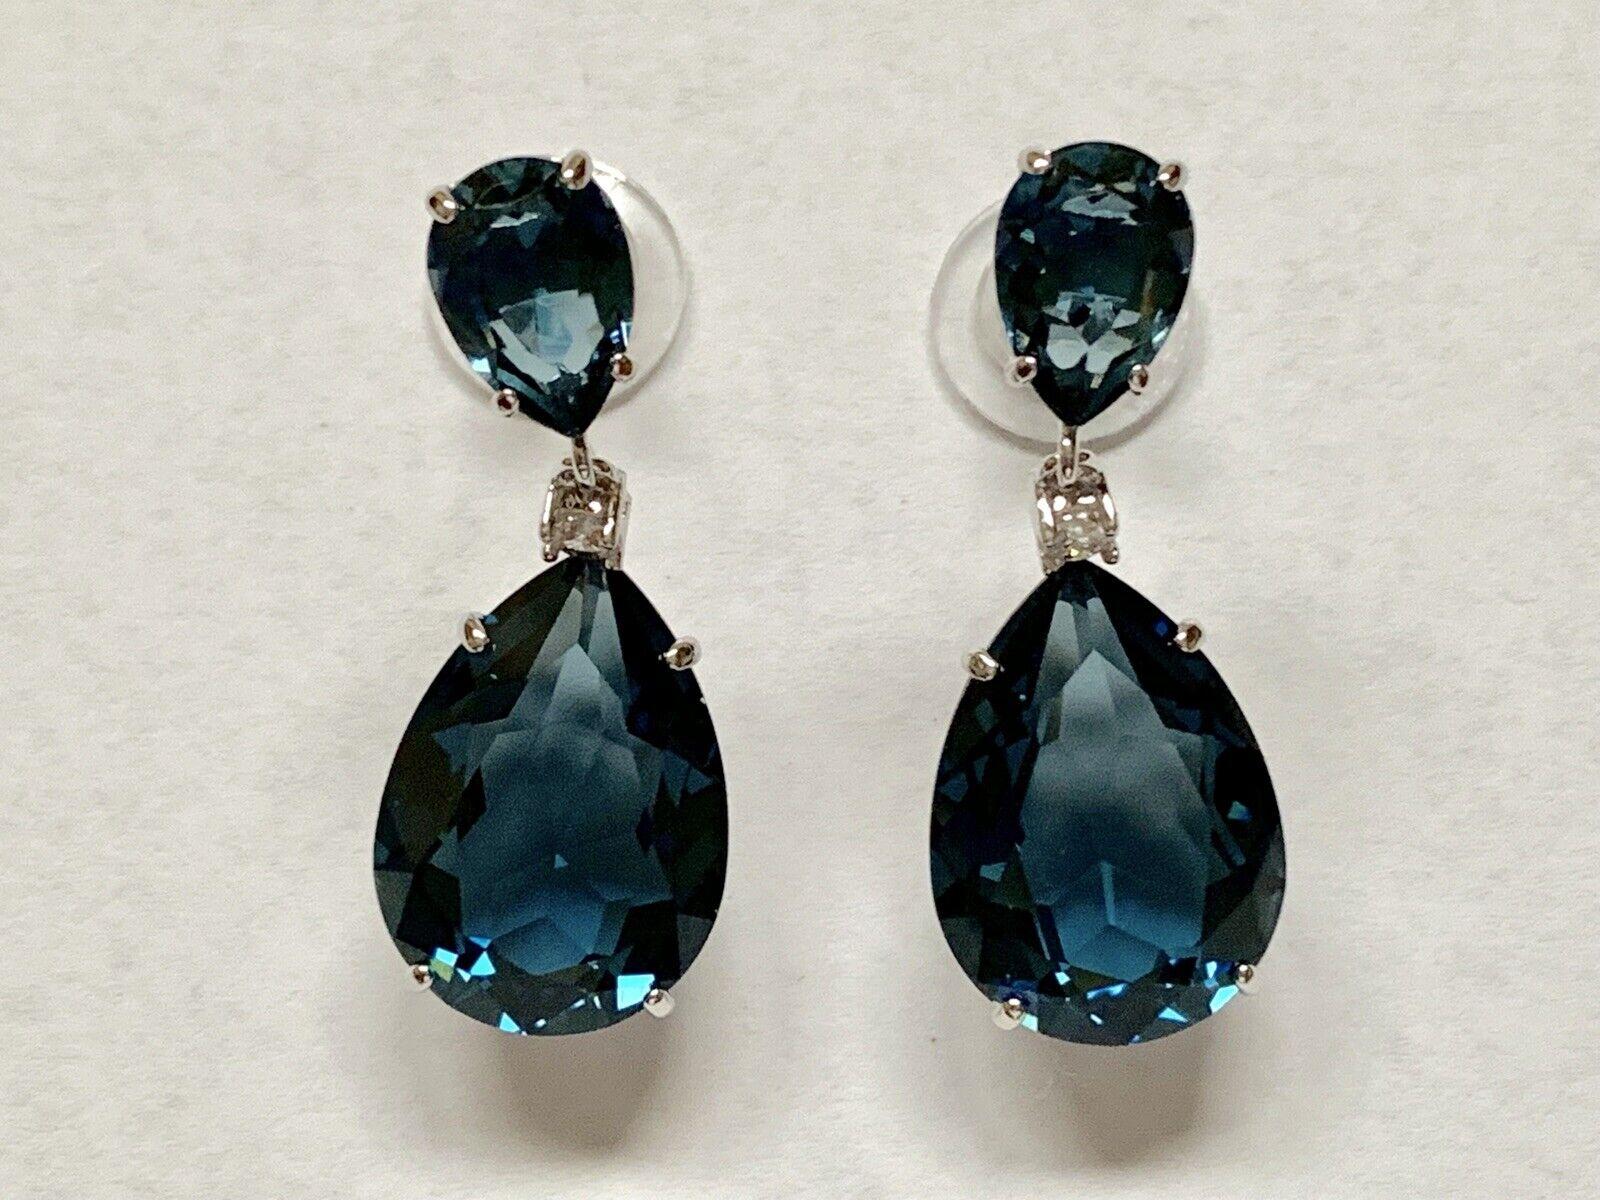 Swarovski VINTAGE DROP Pierced Earrings